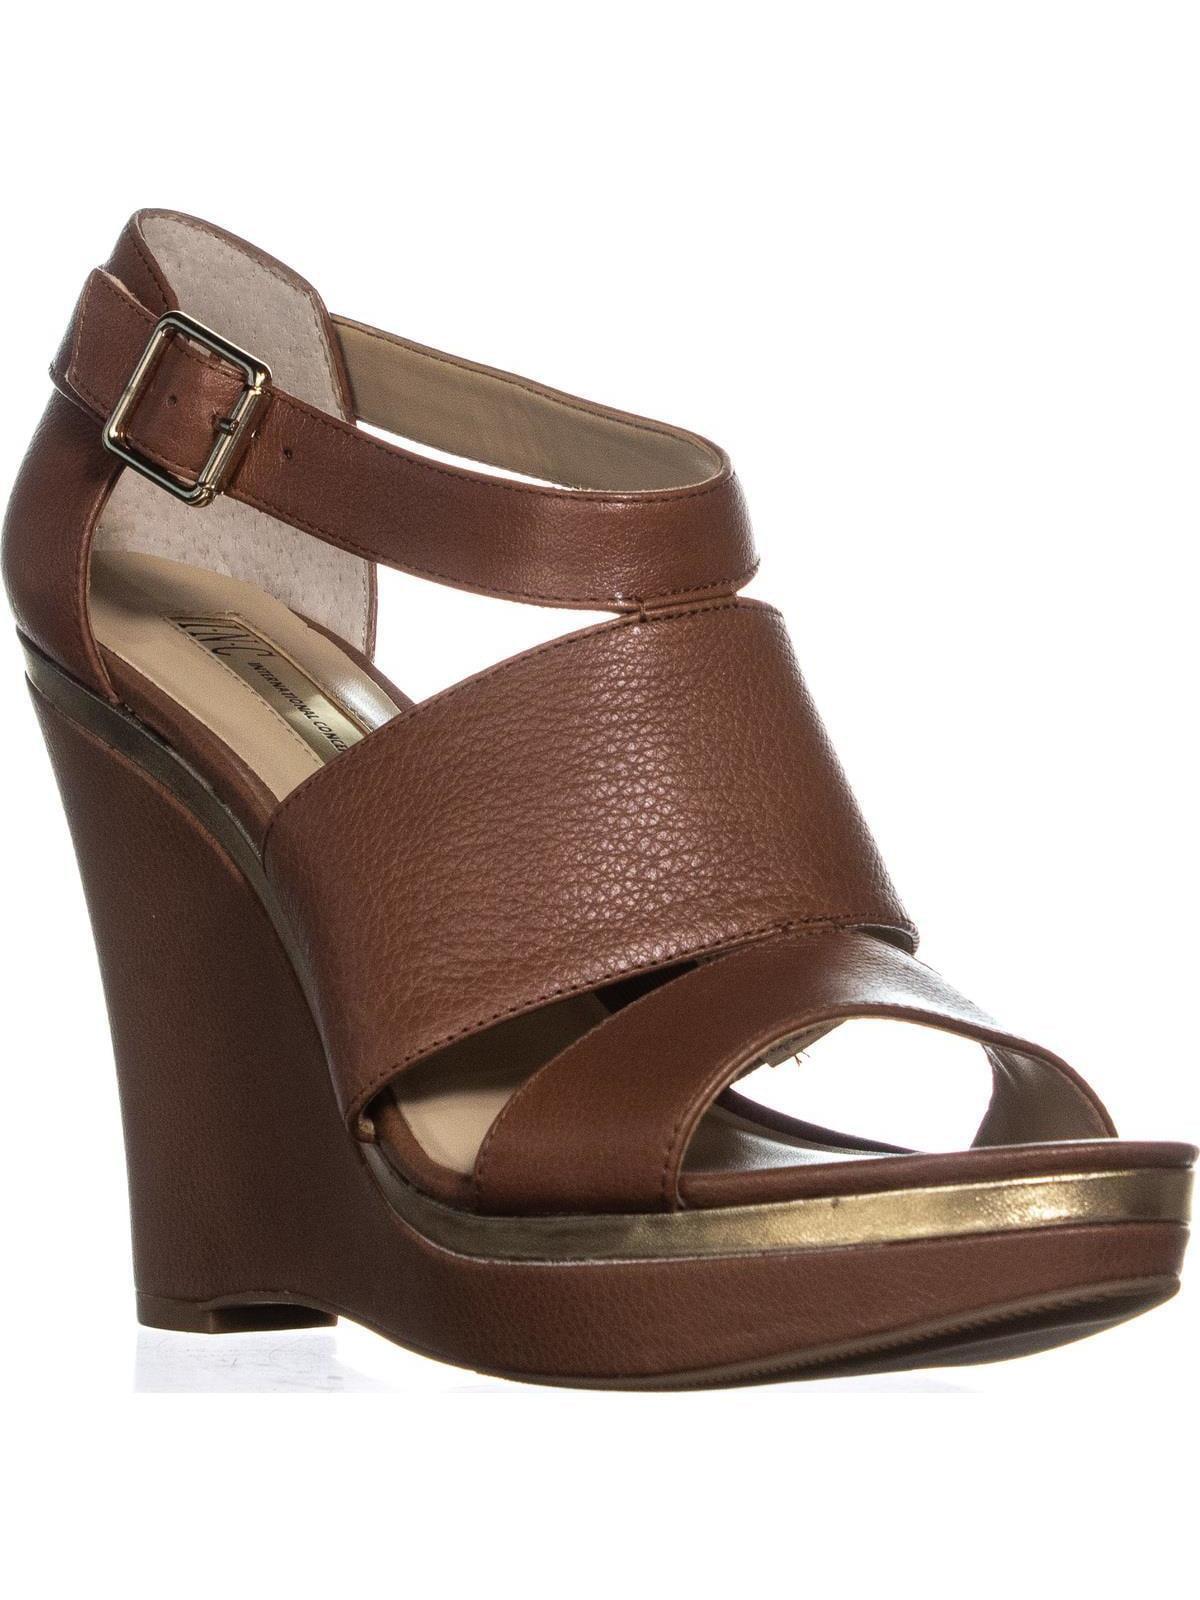 I35 Camie Wedge Platform Ankle Strap Sandals